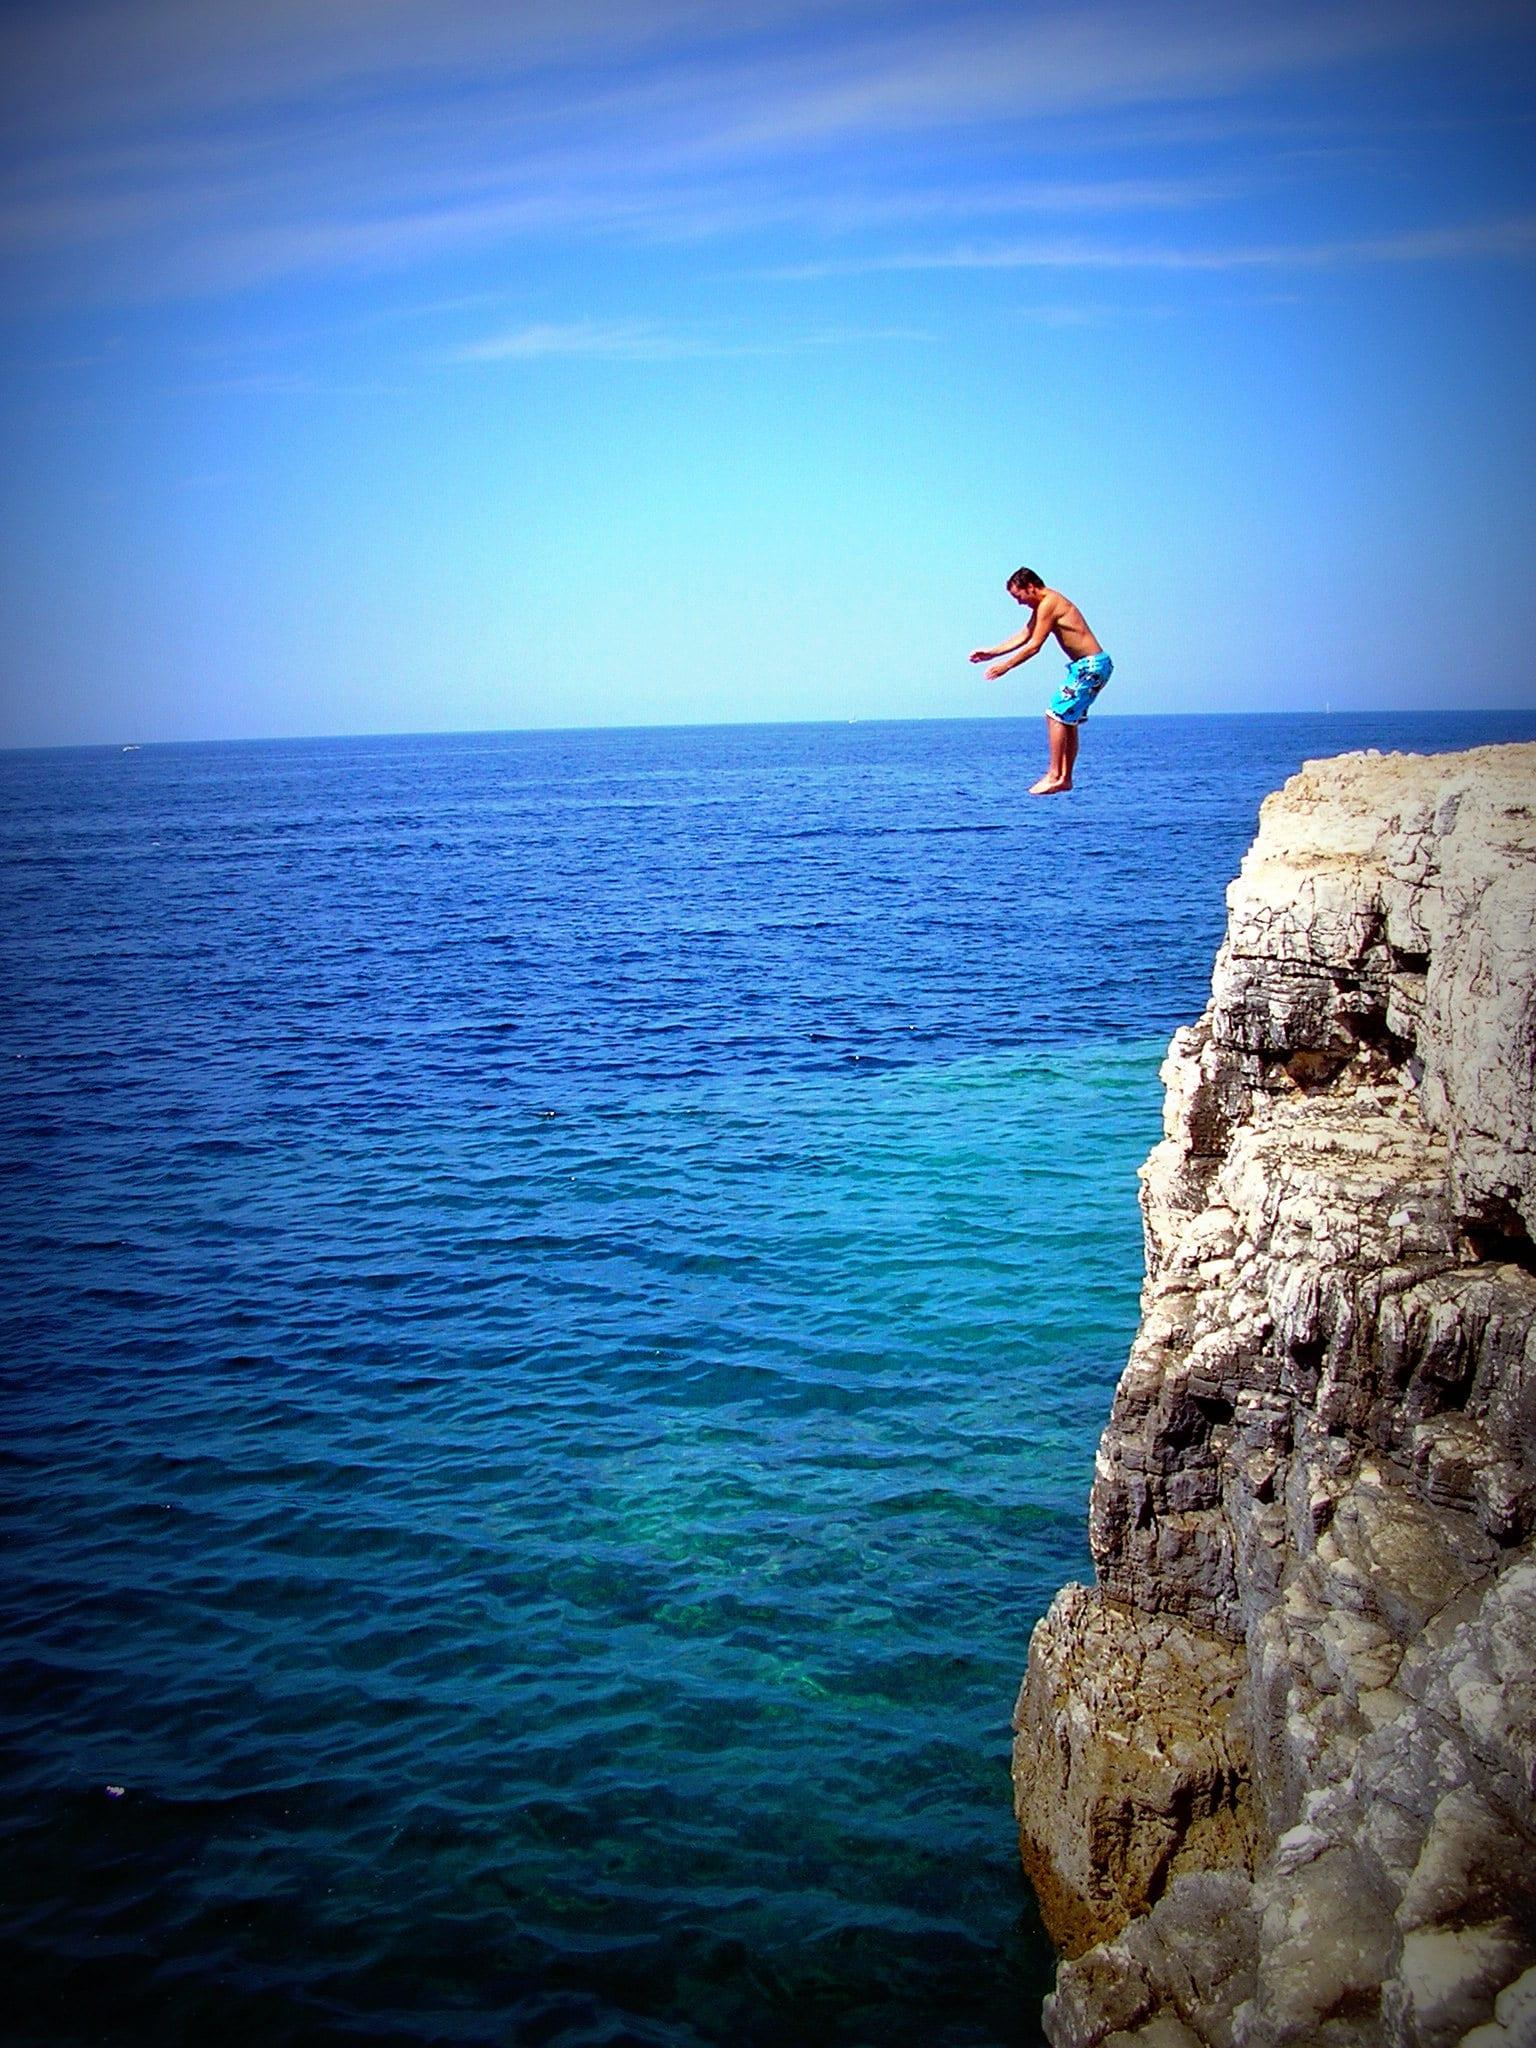 Cliff jumping in Kroatië - Camping Stoja bij Pula